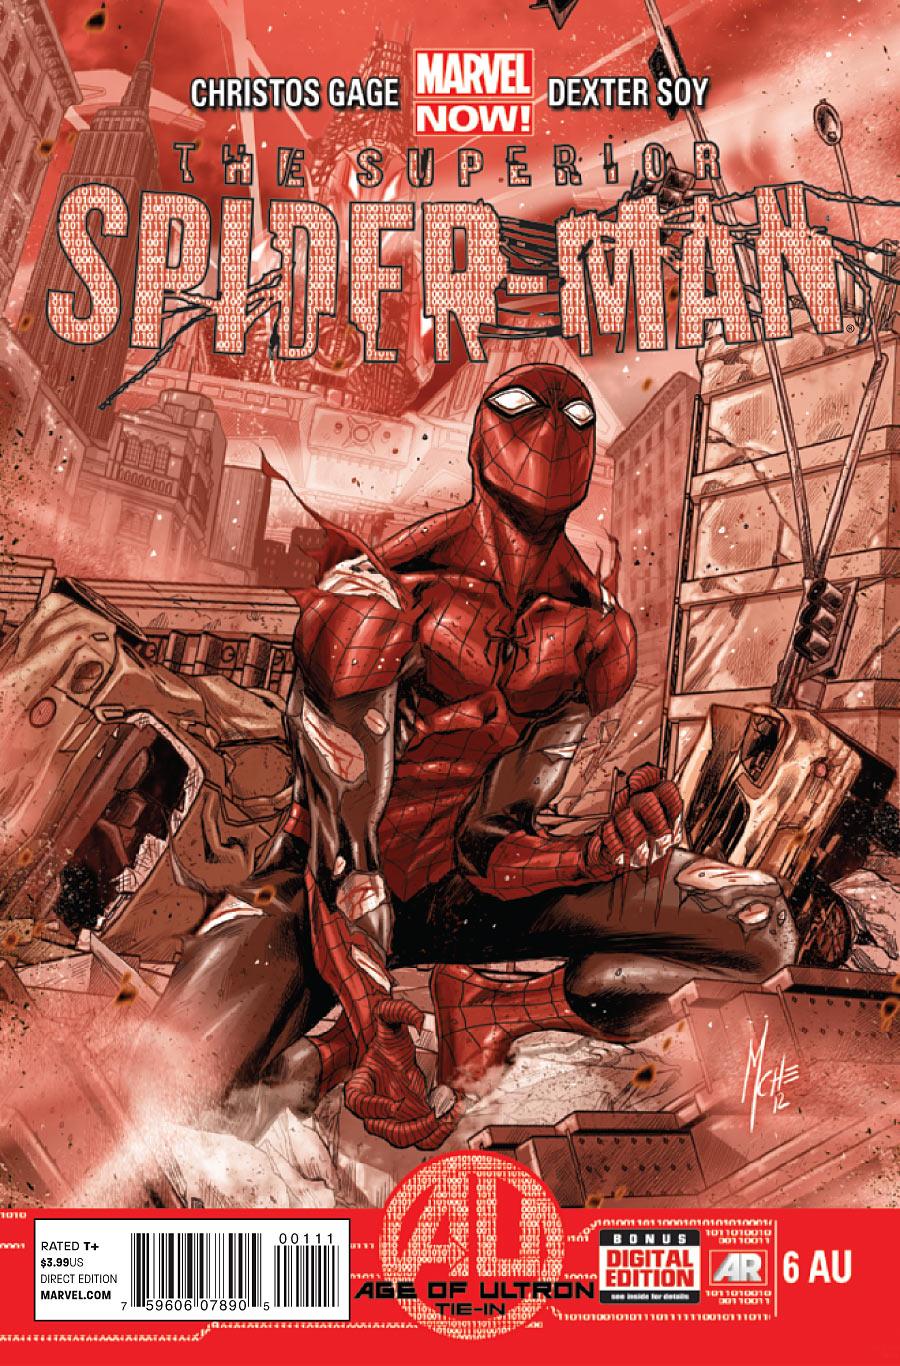 Superior Spider-Man Vol 1 6AU